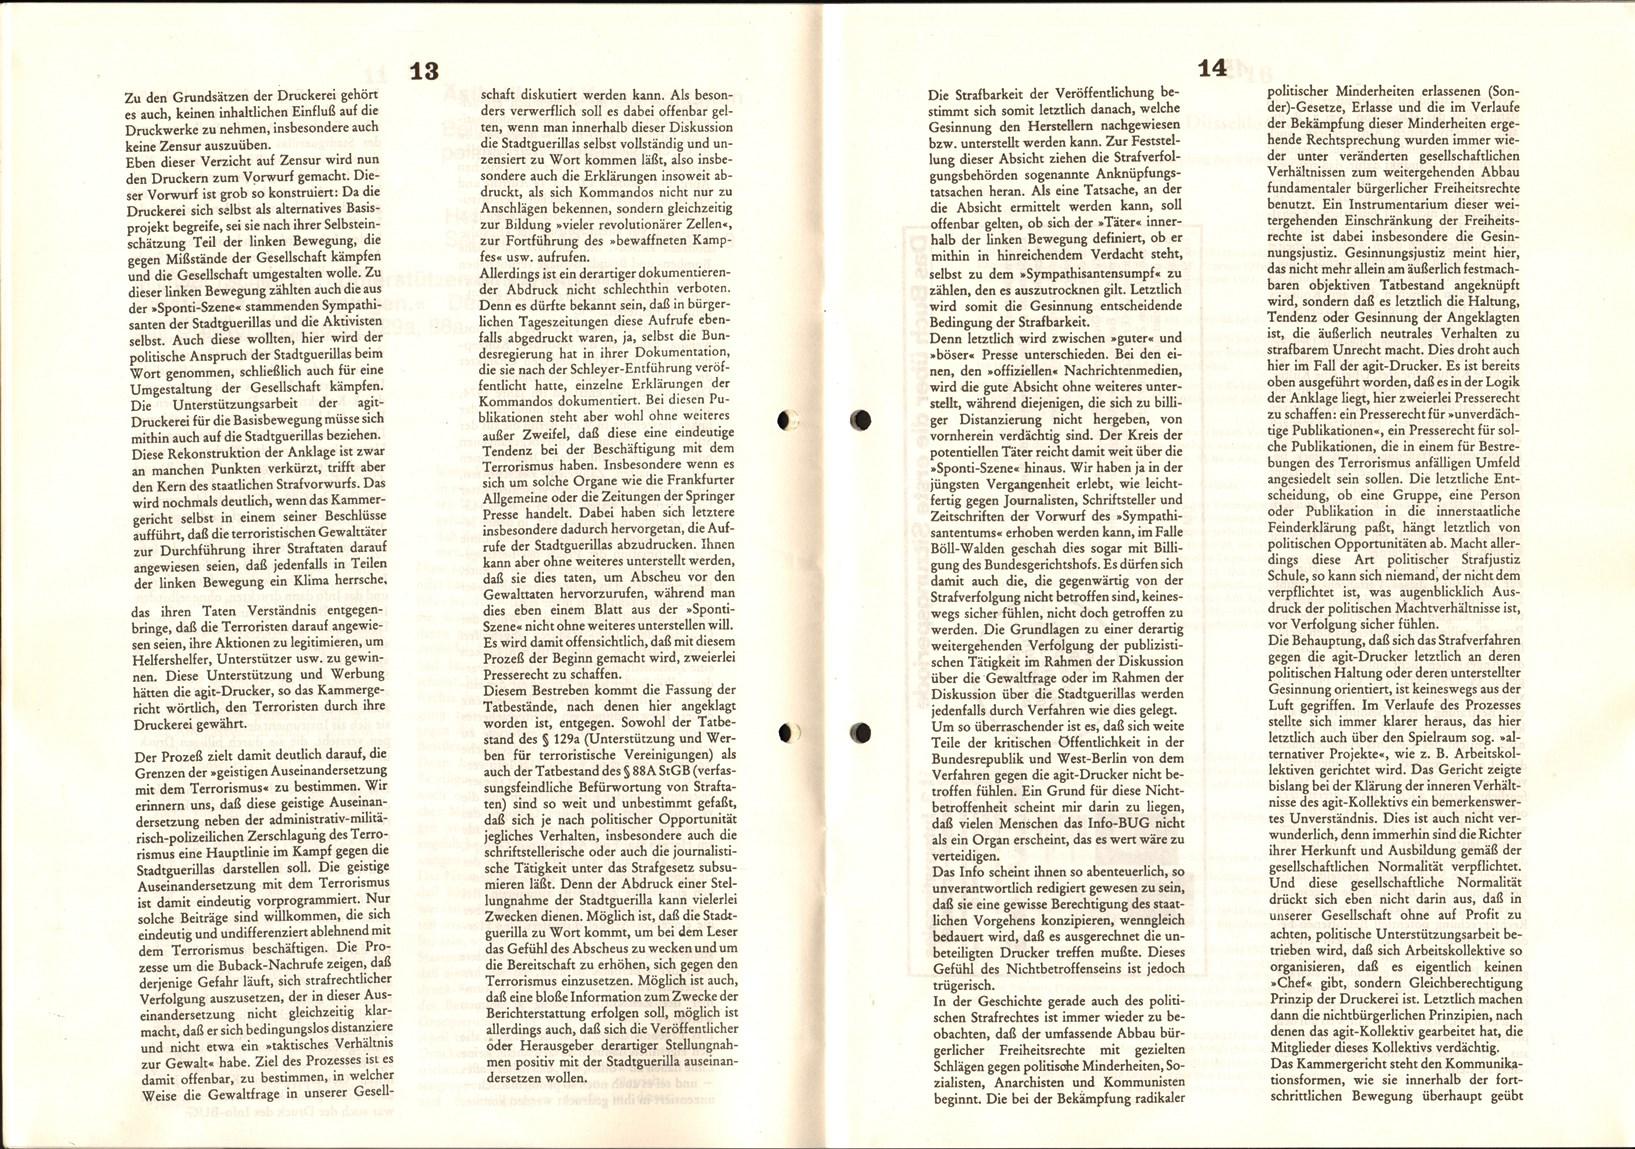 RT_Zur_zweiten_Sitzungsperiode_1979_10